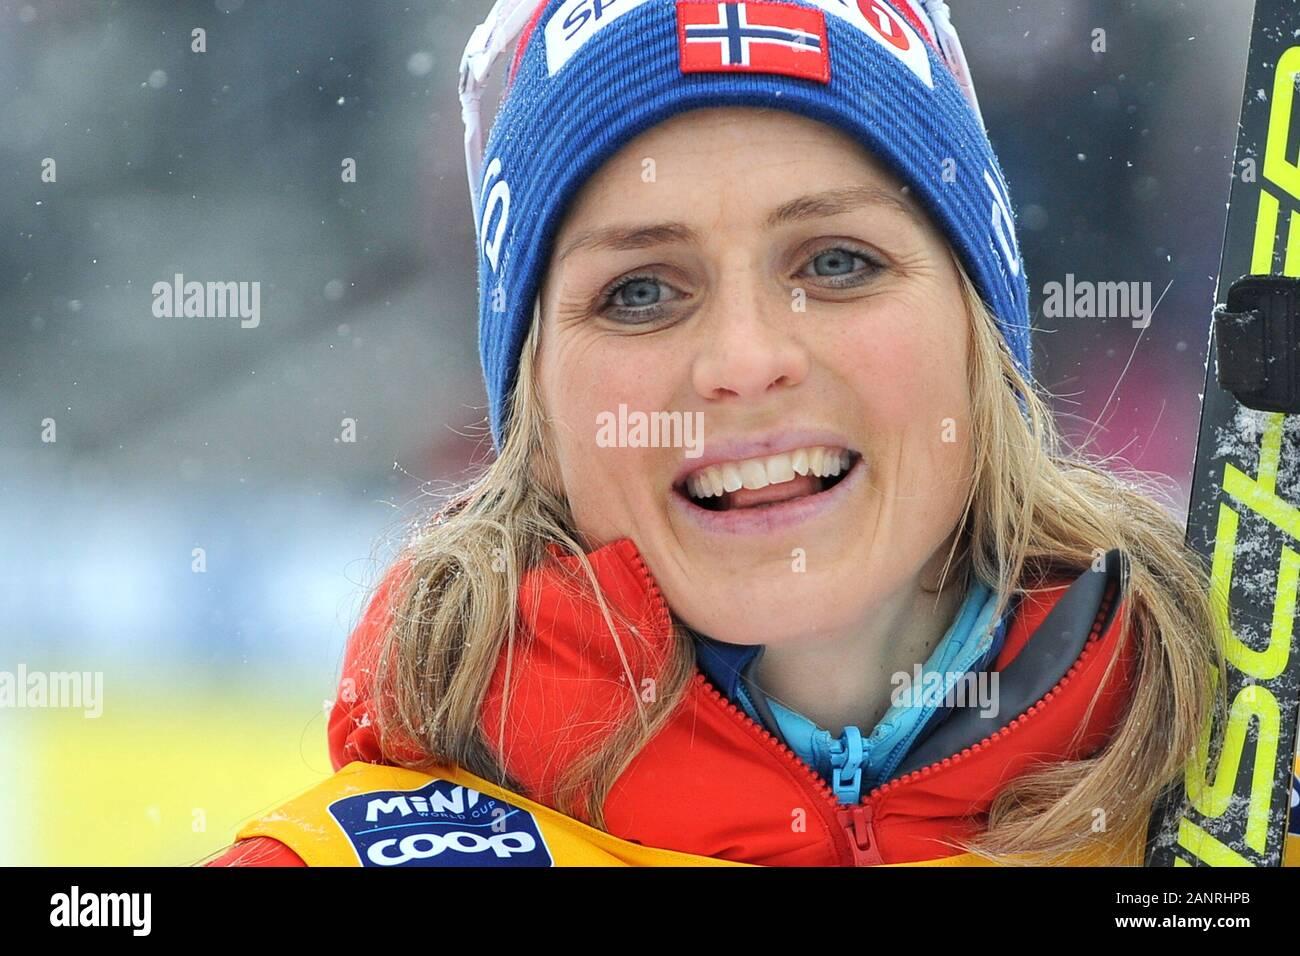 Thérèse Johaug de Norvège après avoir remporté le classique de la cross-country des femmes à 10 km de la course de la coupe du monde à Nove Mesto na Morave, République tchèque. Banque D'Images